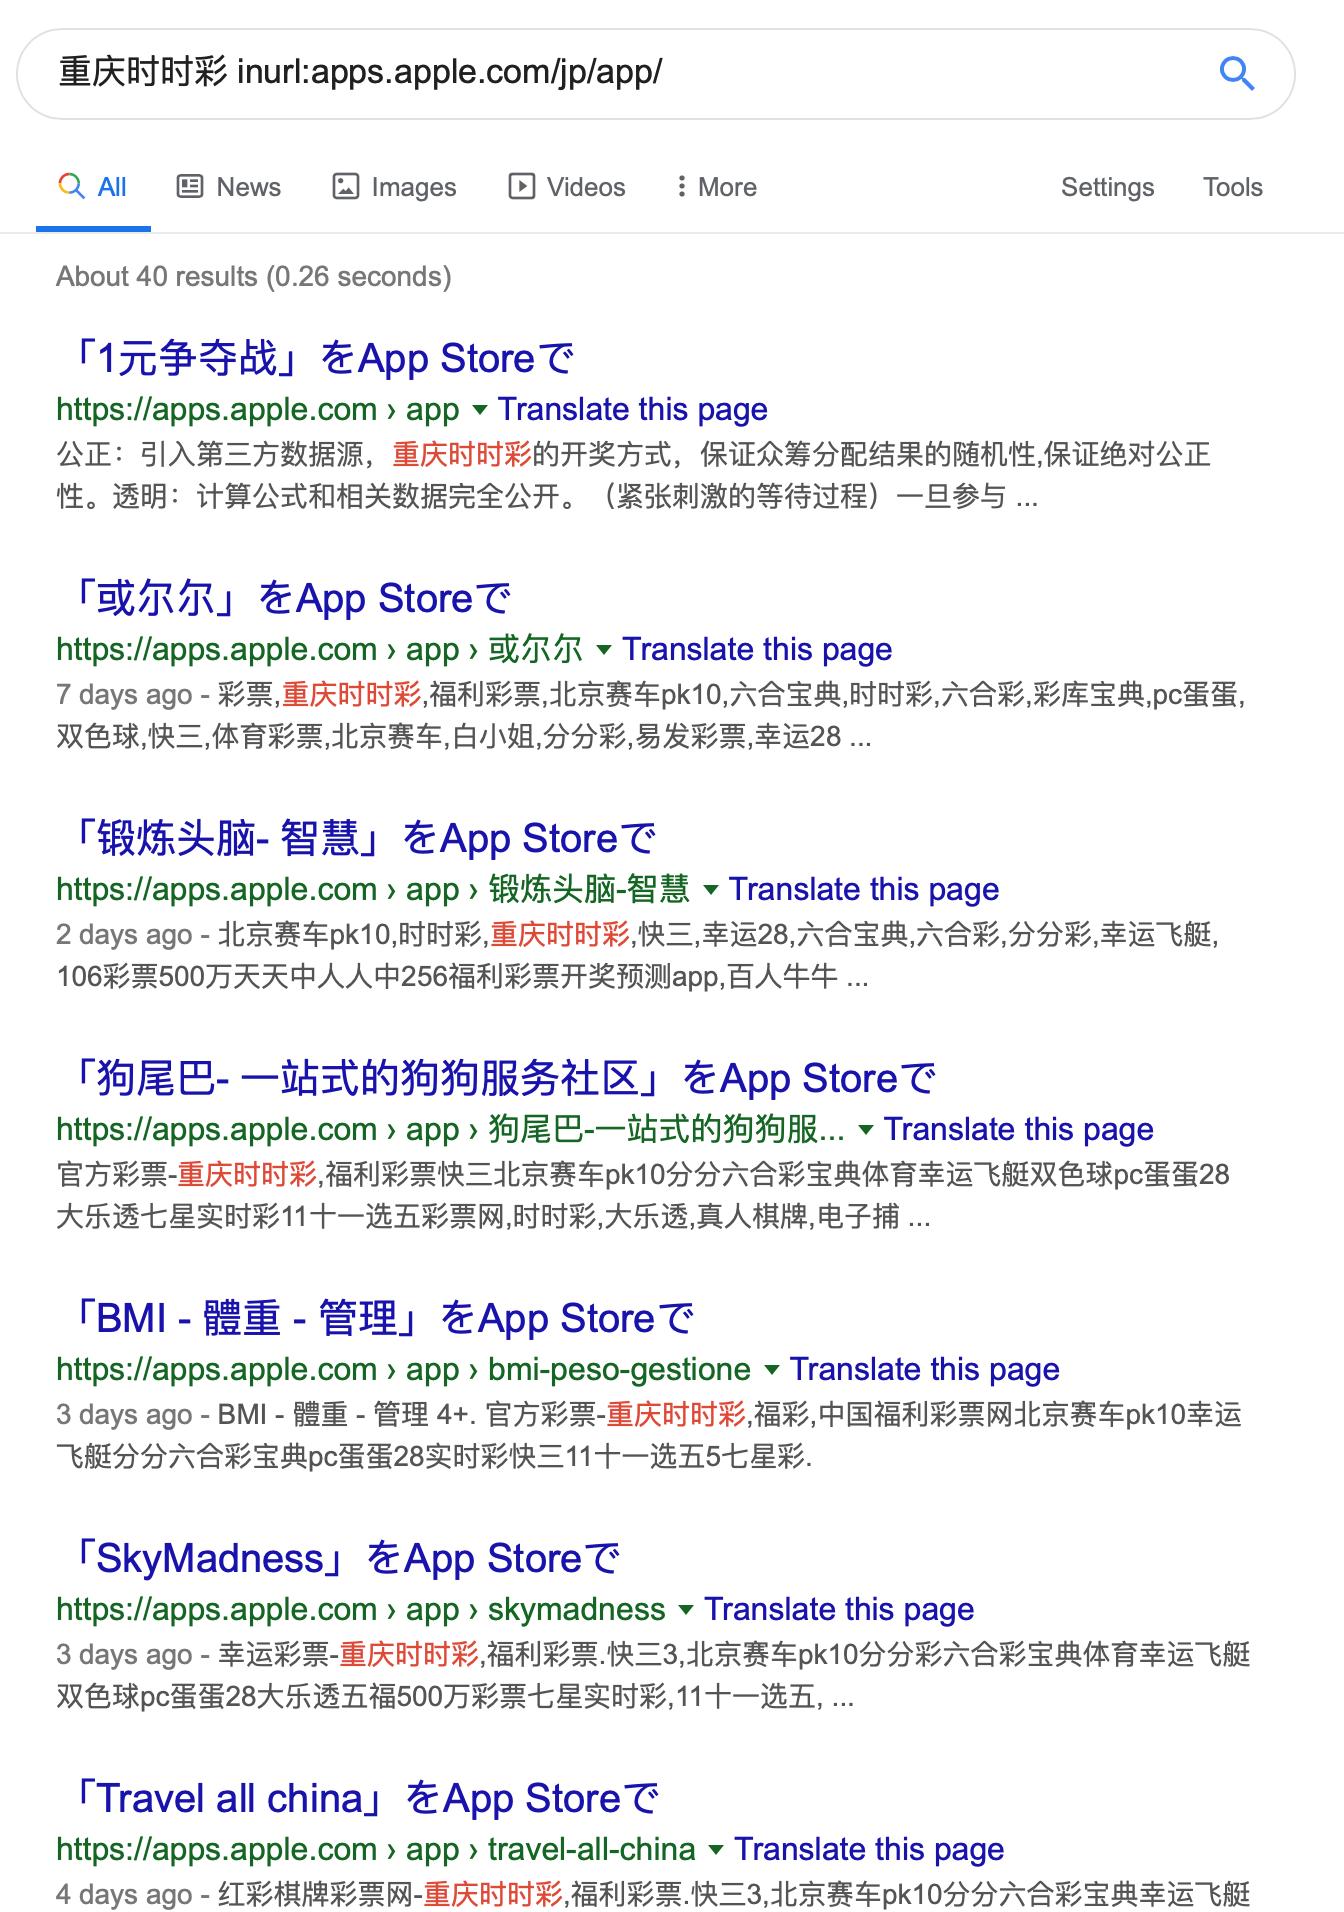 図16:日本版Google検索で表示された結果